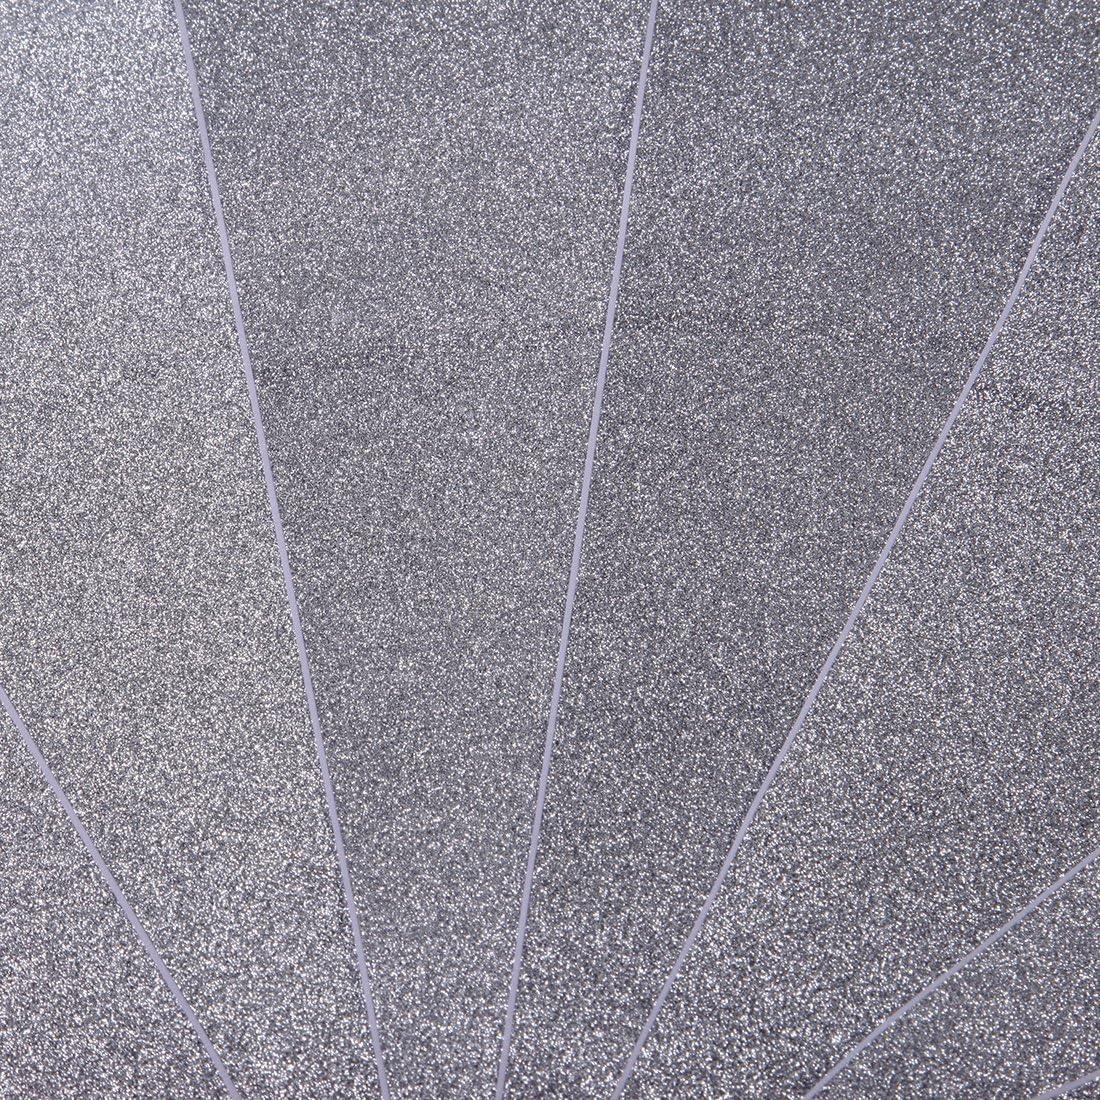 MeoWoo-Goma eva con purpurina, tamaño 29.7 * 21 cm, 10 pliegos ...